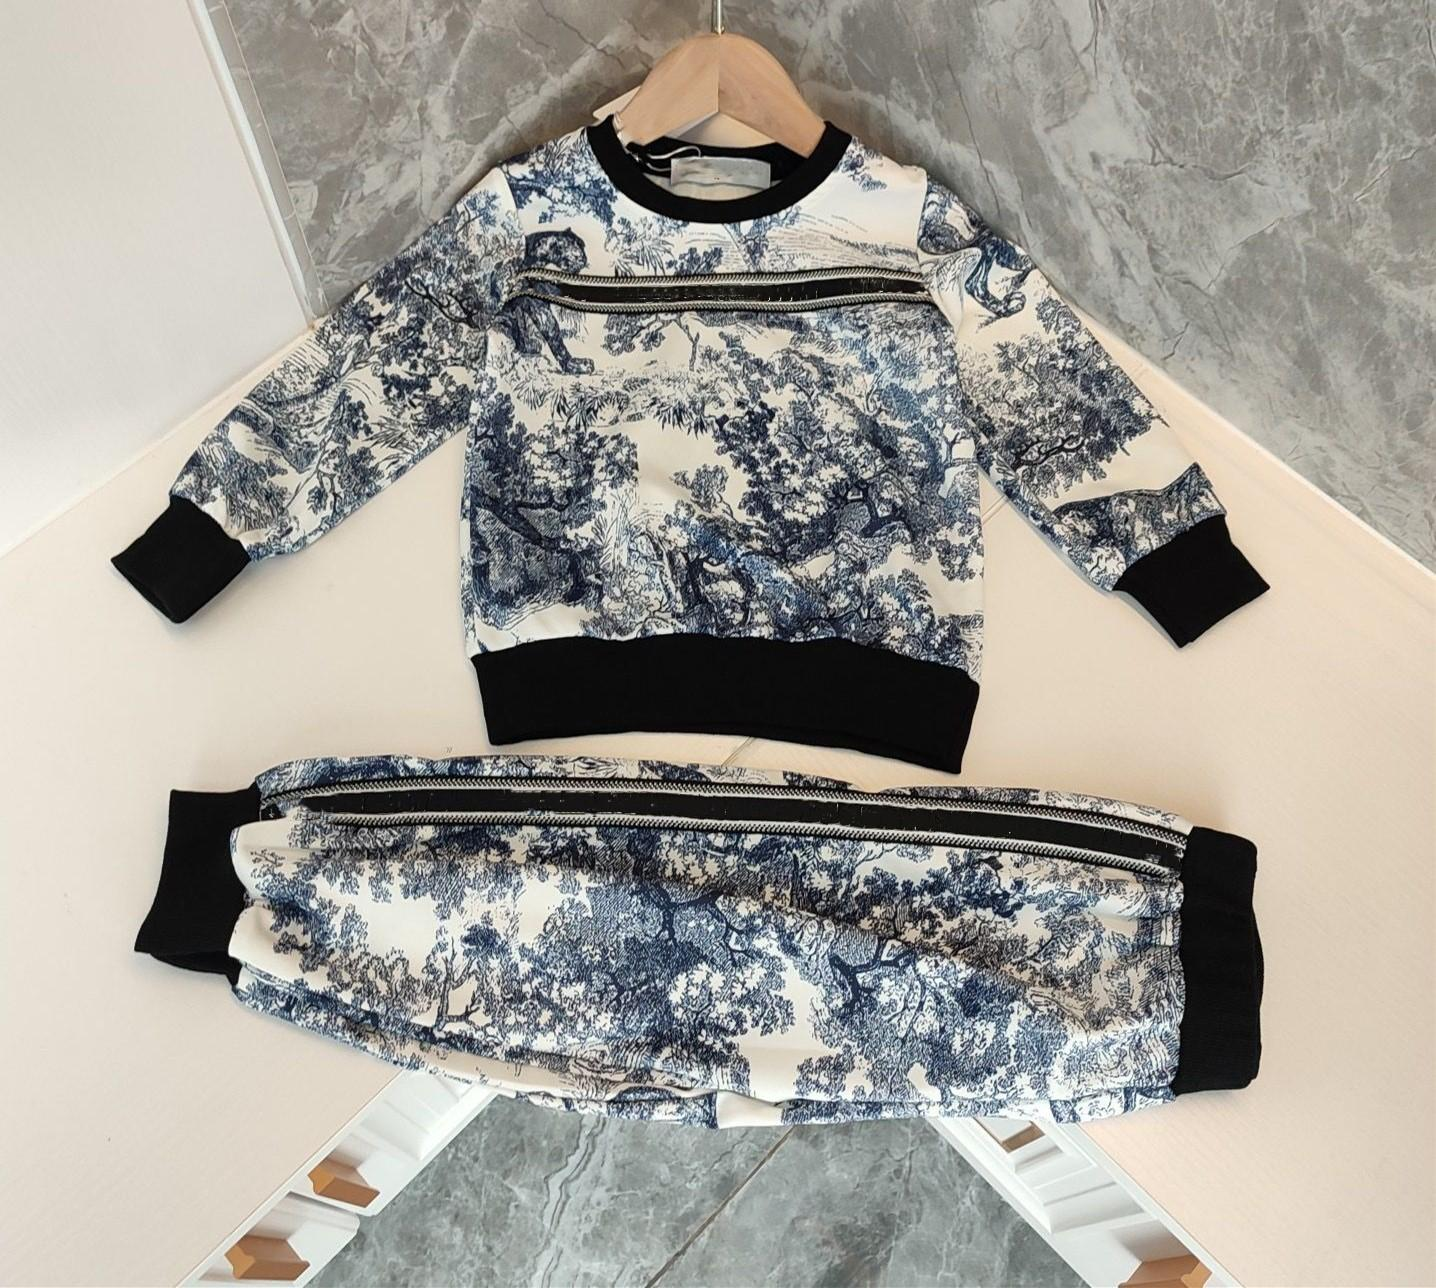 2021 Yeni Çocuk Giysileri Takım Elbise Kız Erkek Giyim Sonbahar Infantis Bebek Setleri Chlidren Uzun Kollu Spor Suits Çocuk Takım Elbise